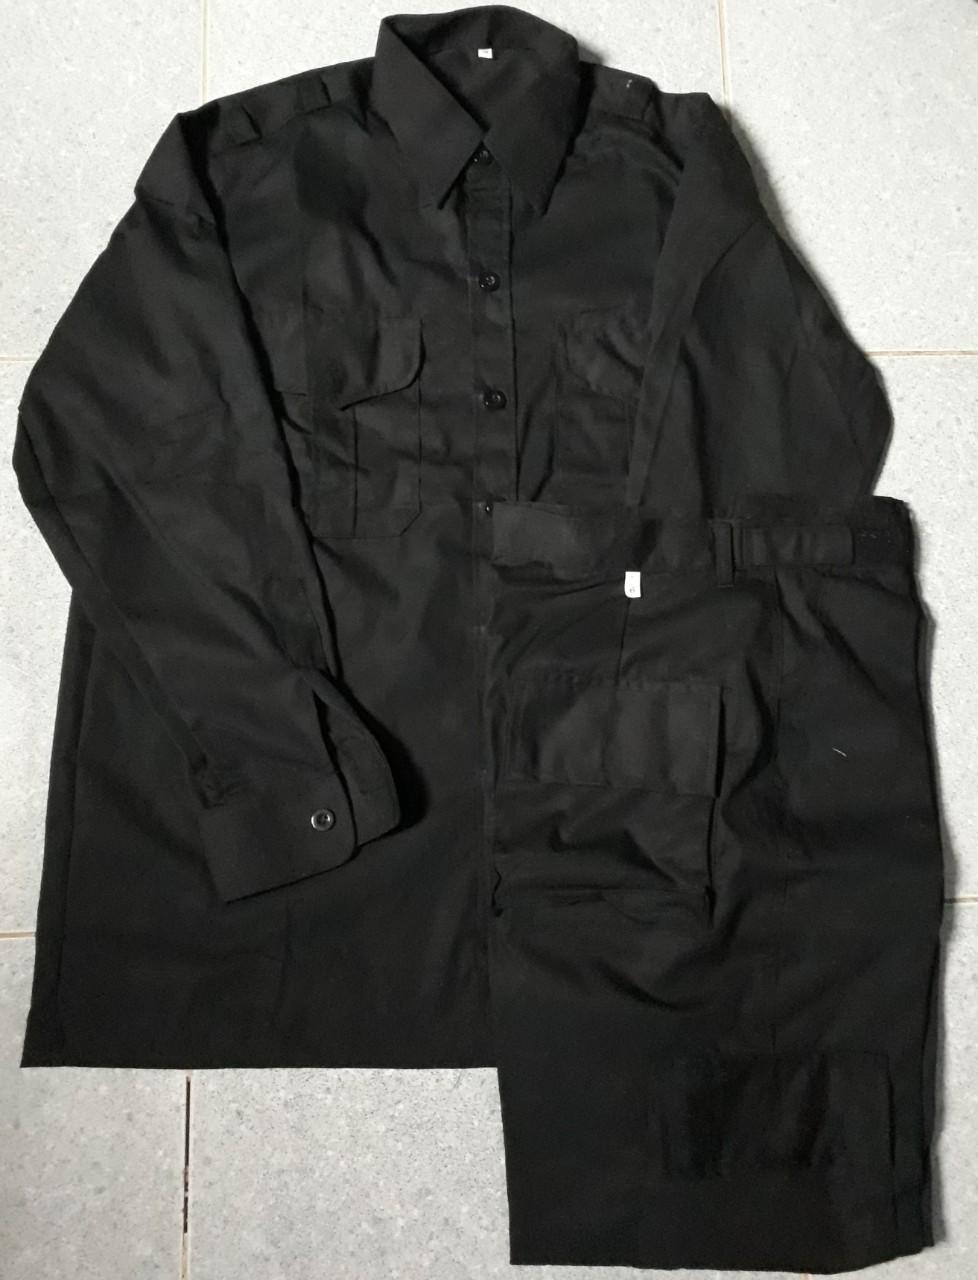 Bộ bảo vệ, vệ sỹ màu đen túi hộp tay dài